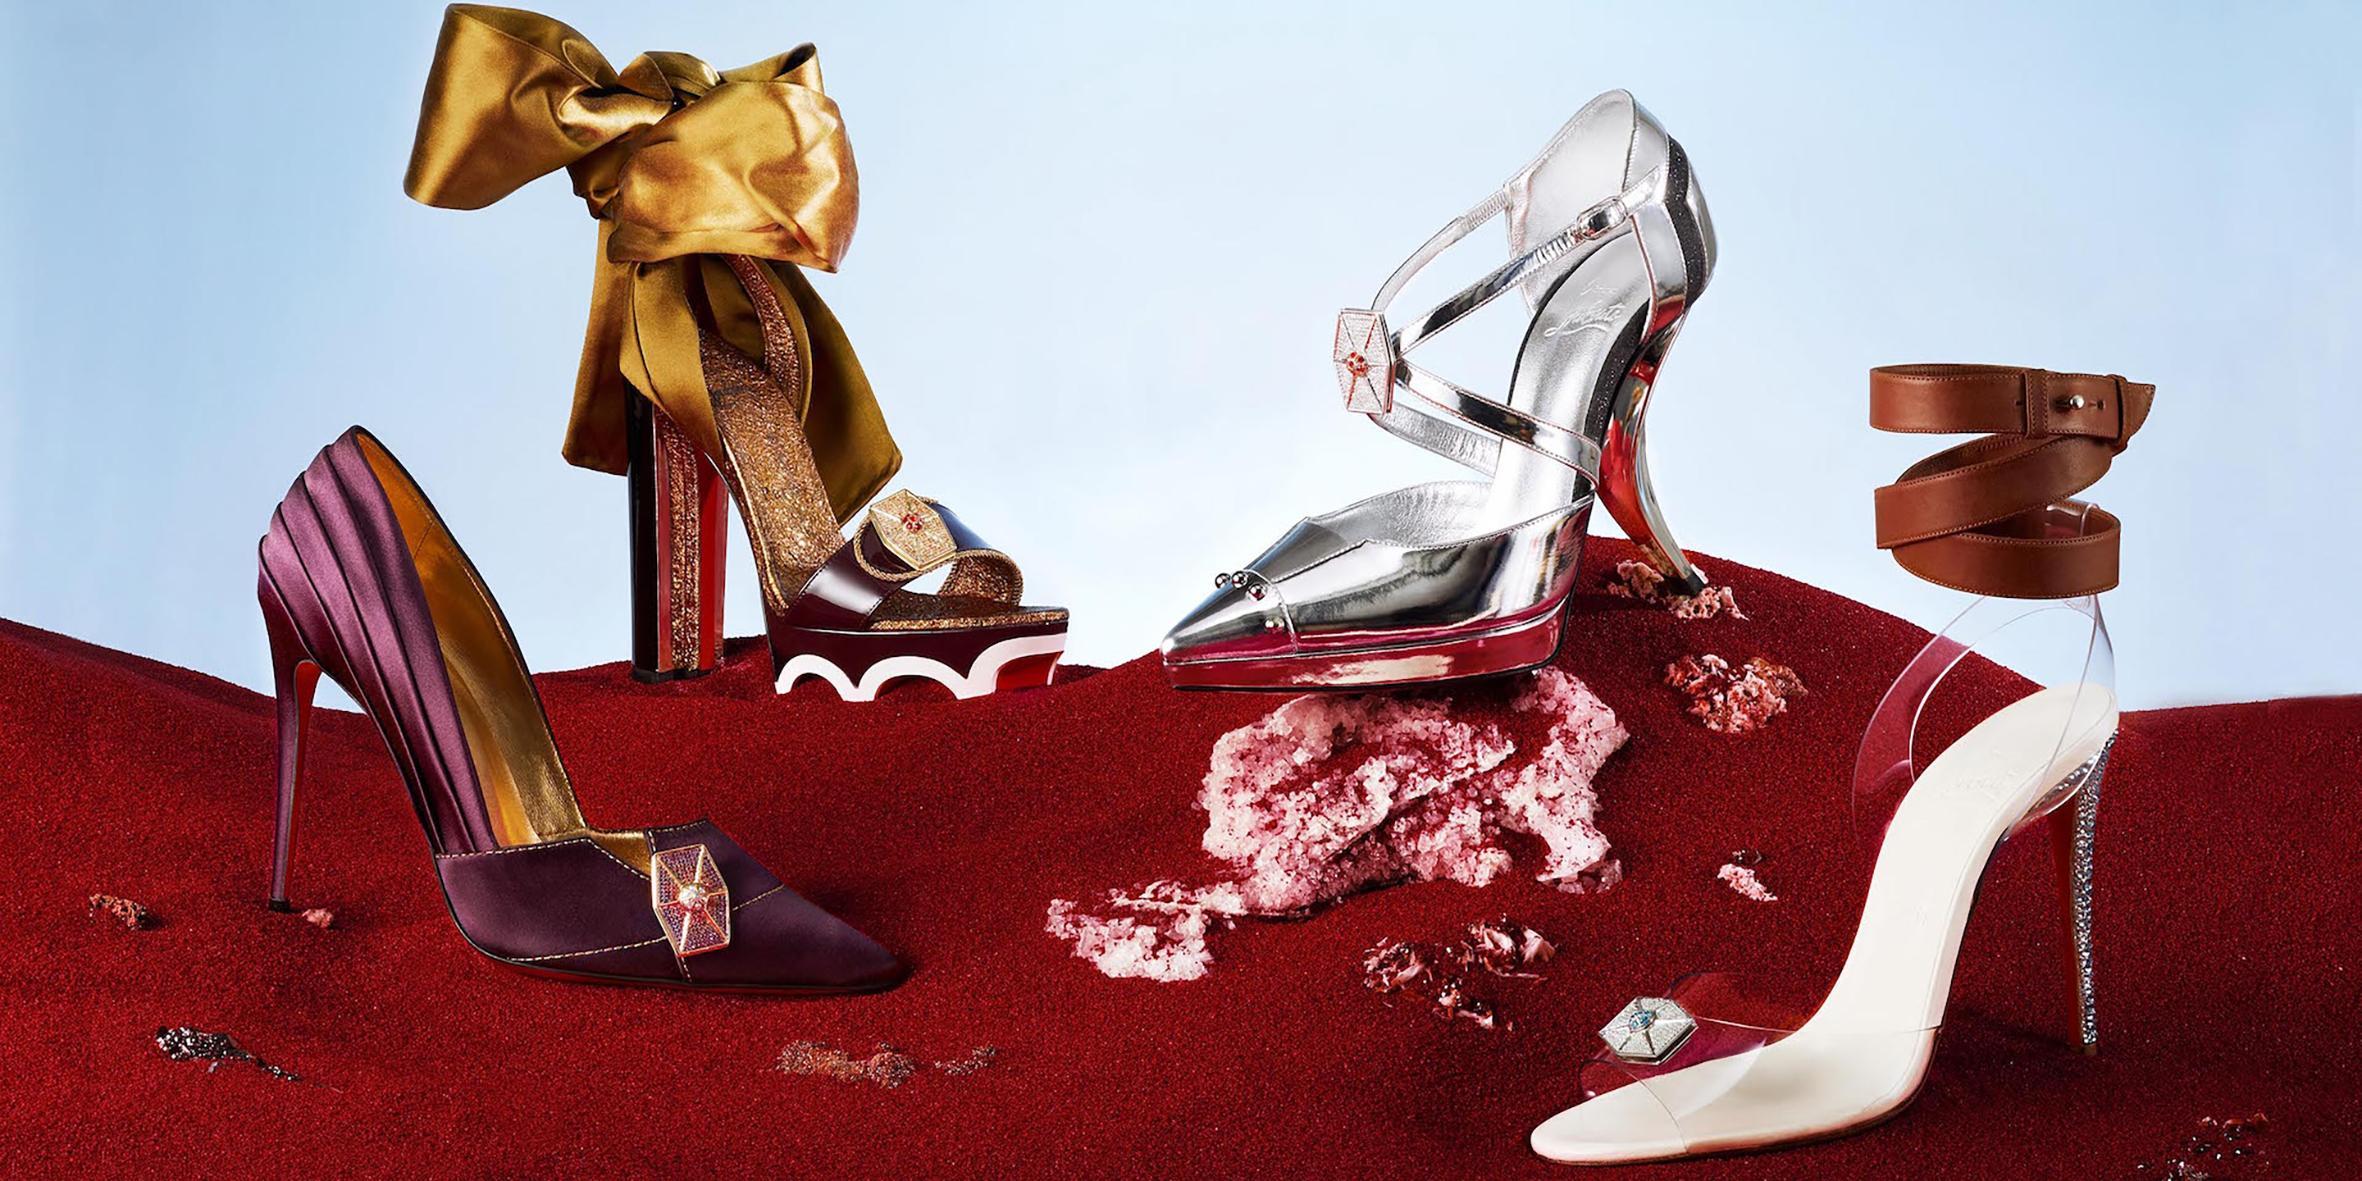 В конце 2017 Кристиан выпустил коллекцию обуви, посвященную саге Звездные войны